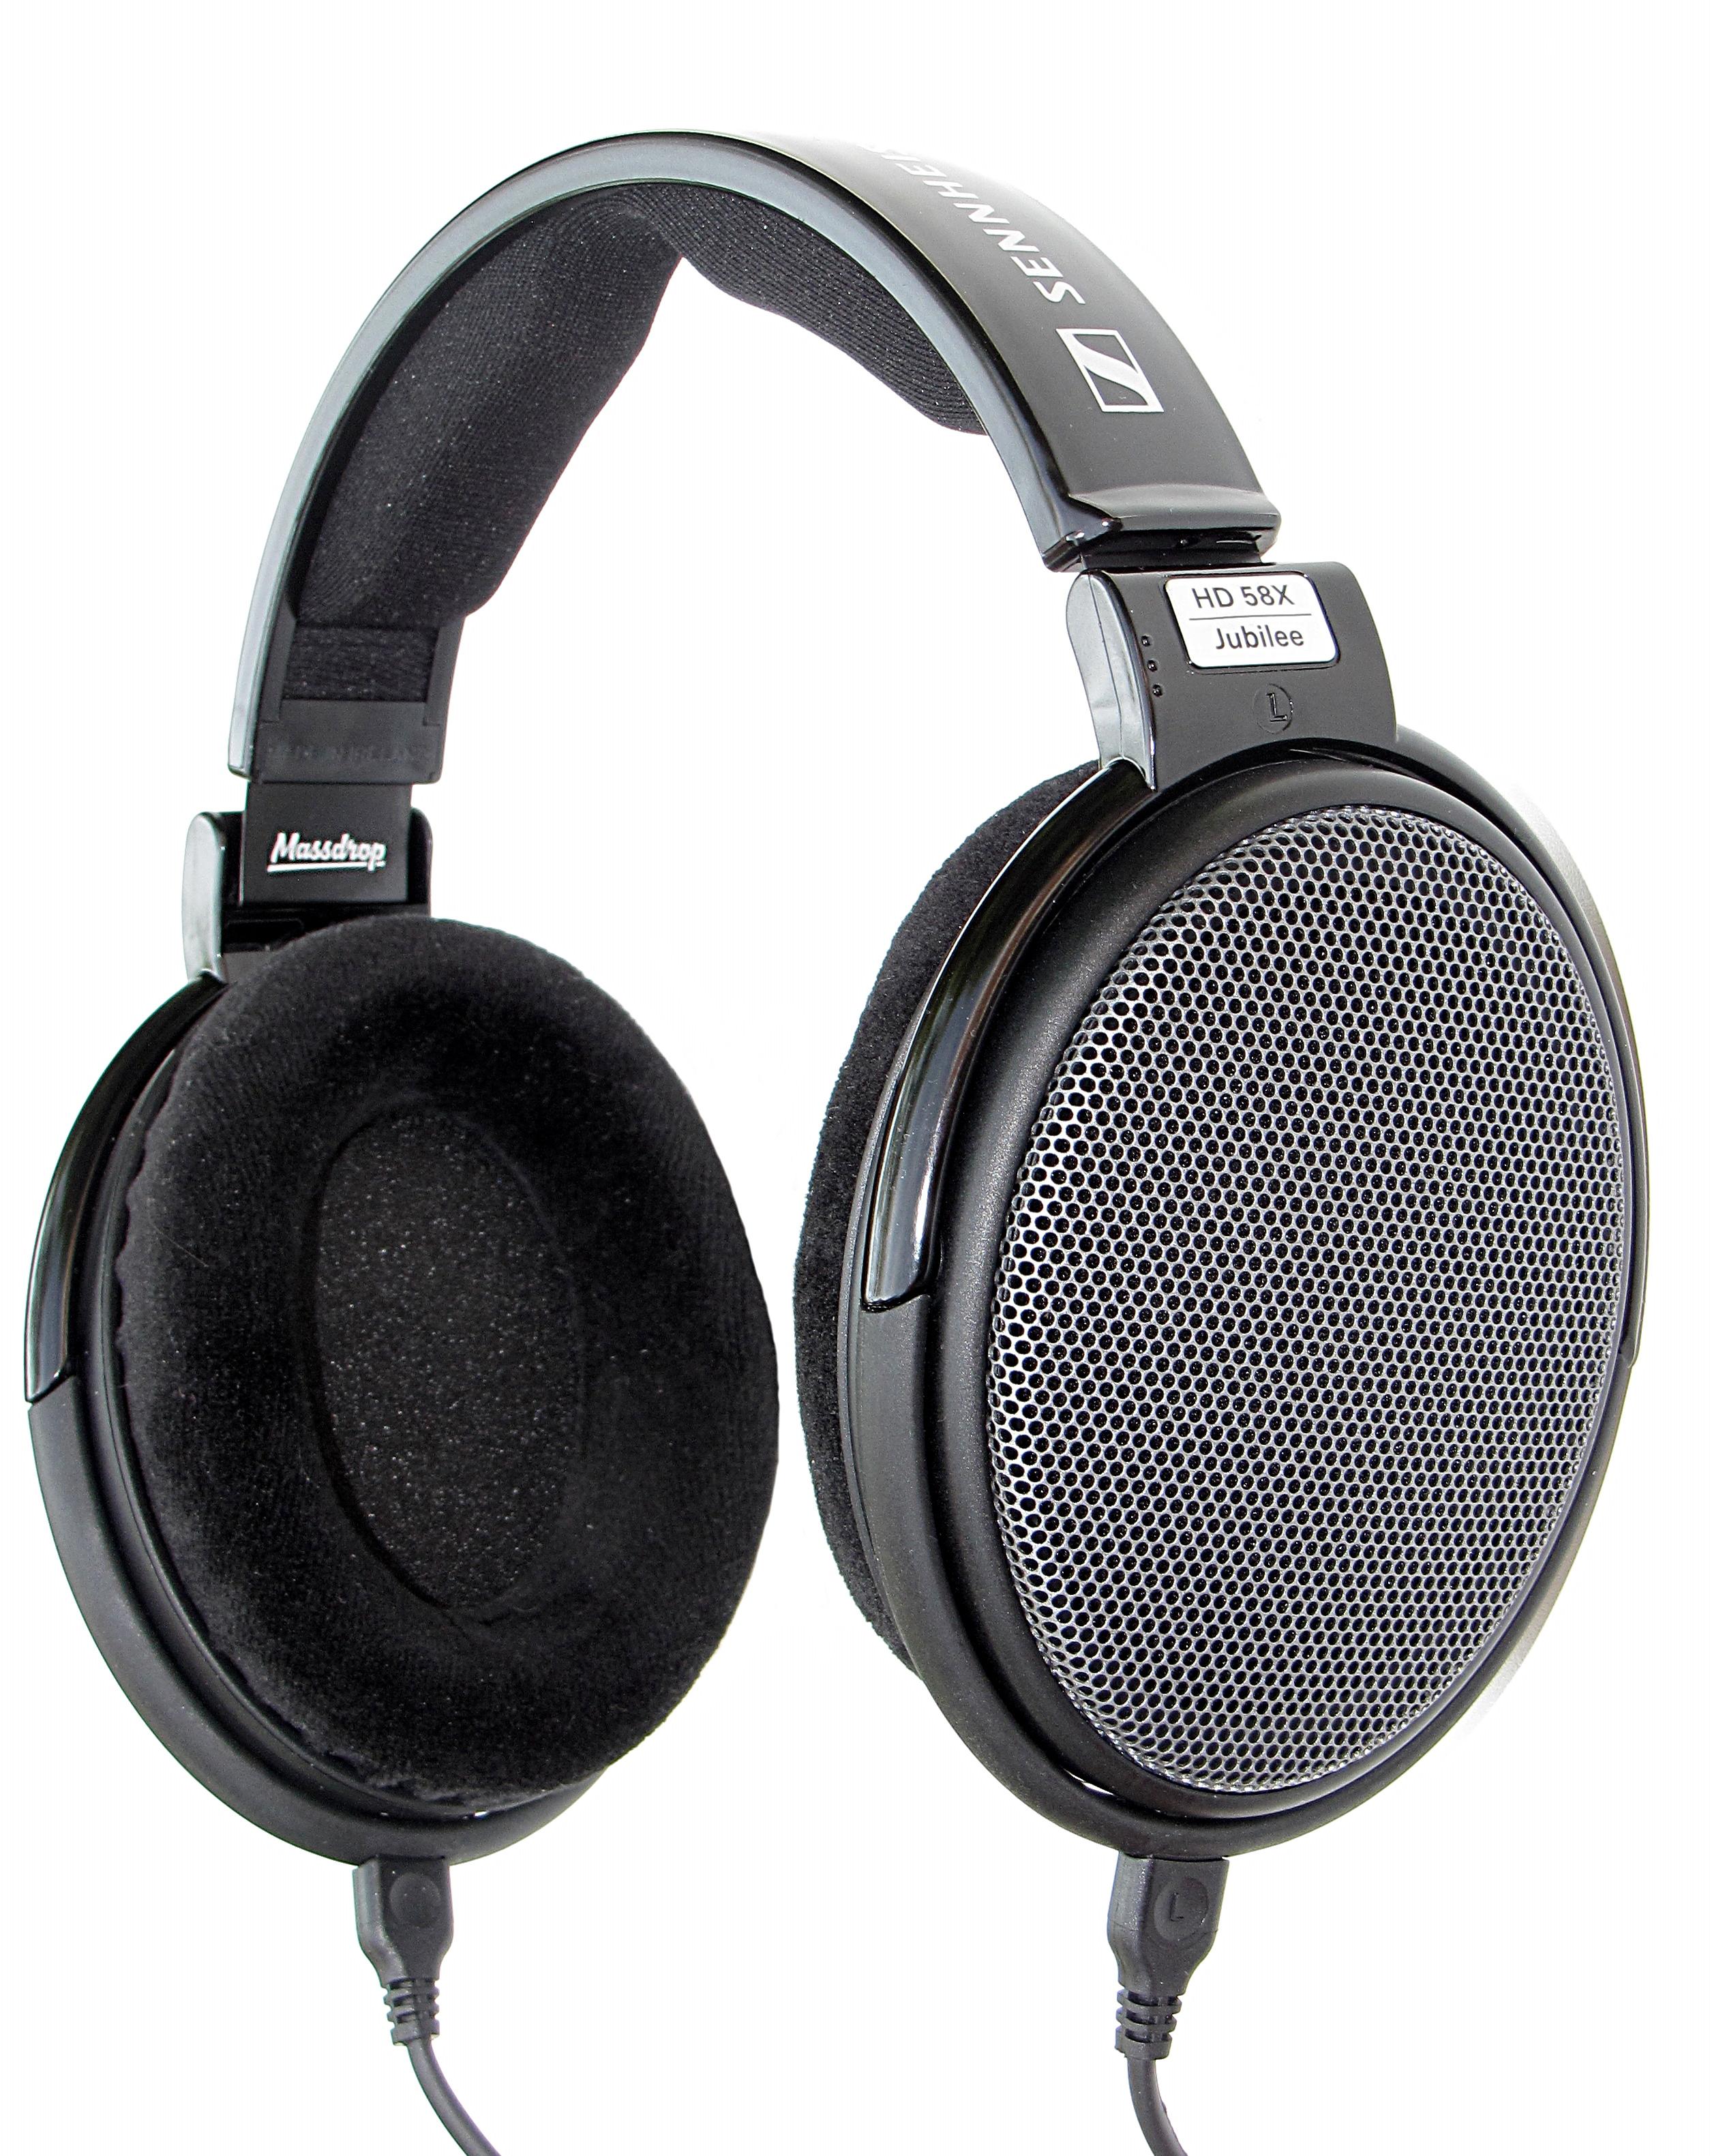 Massdrop Sennheiser HD 58X Jubilee Kopfhörer günstiger Einstieg in die HD 600er Serie